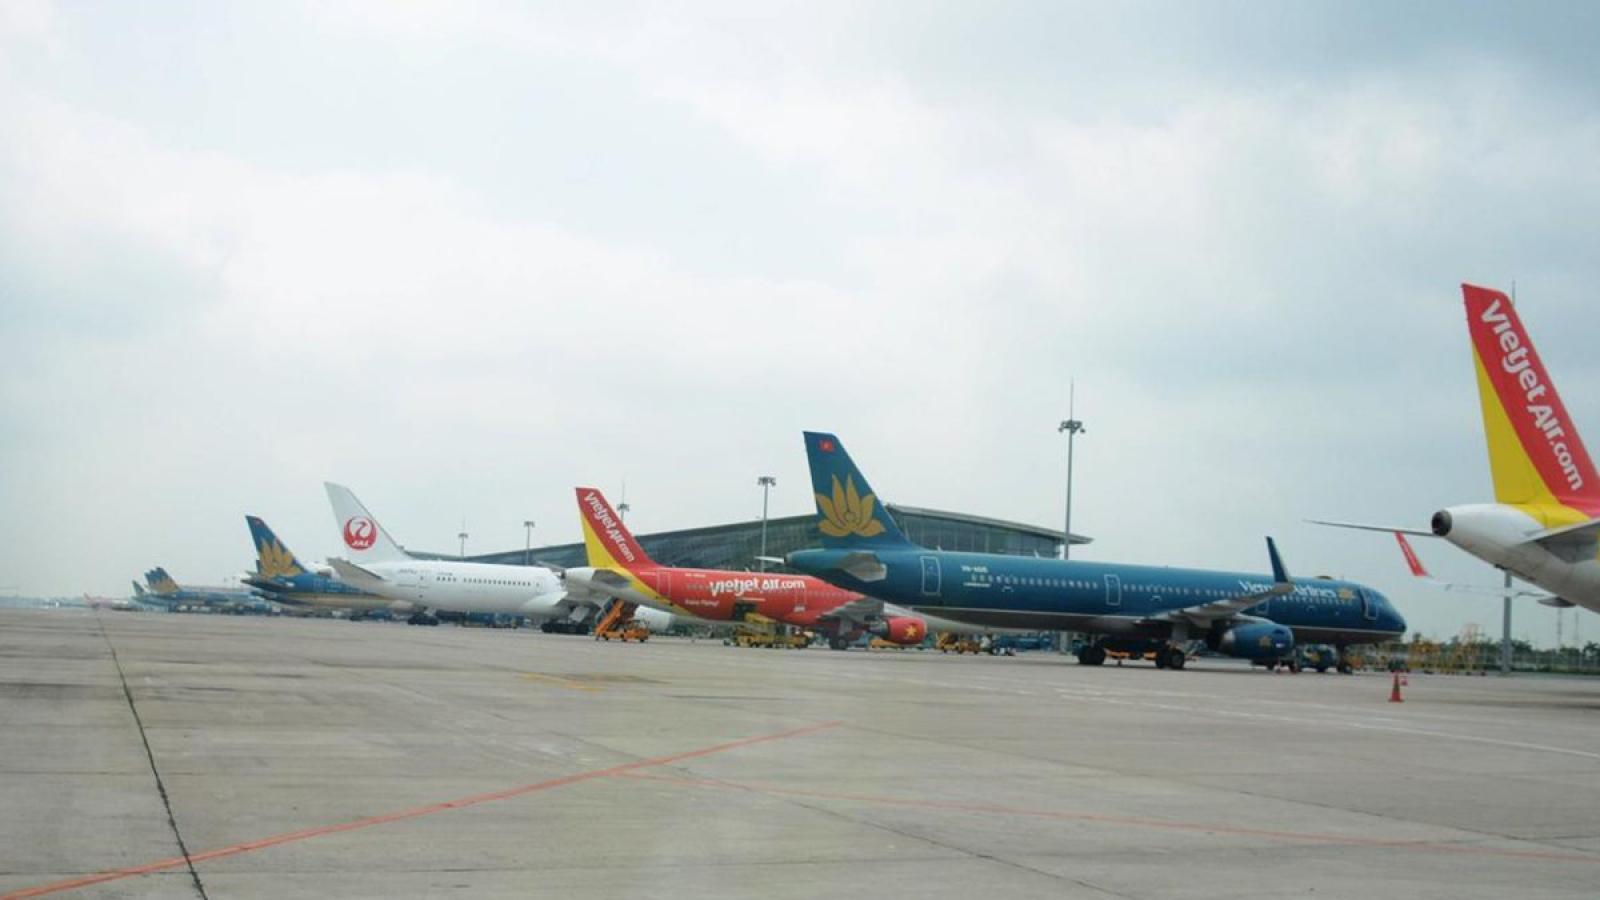 Mở lại đường bay quốc tế: Sẽ hiệu quả nếu cách làm tạo được niềm tin